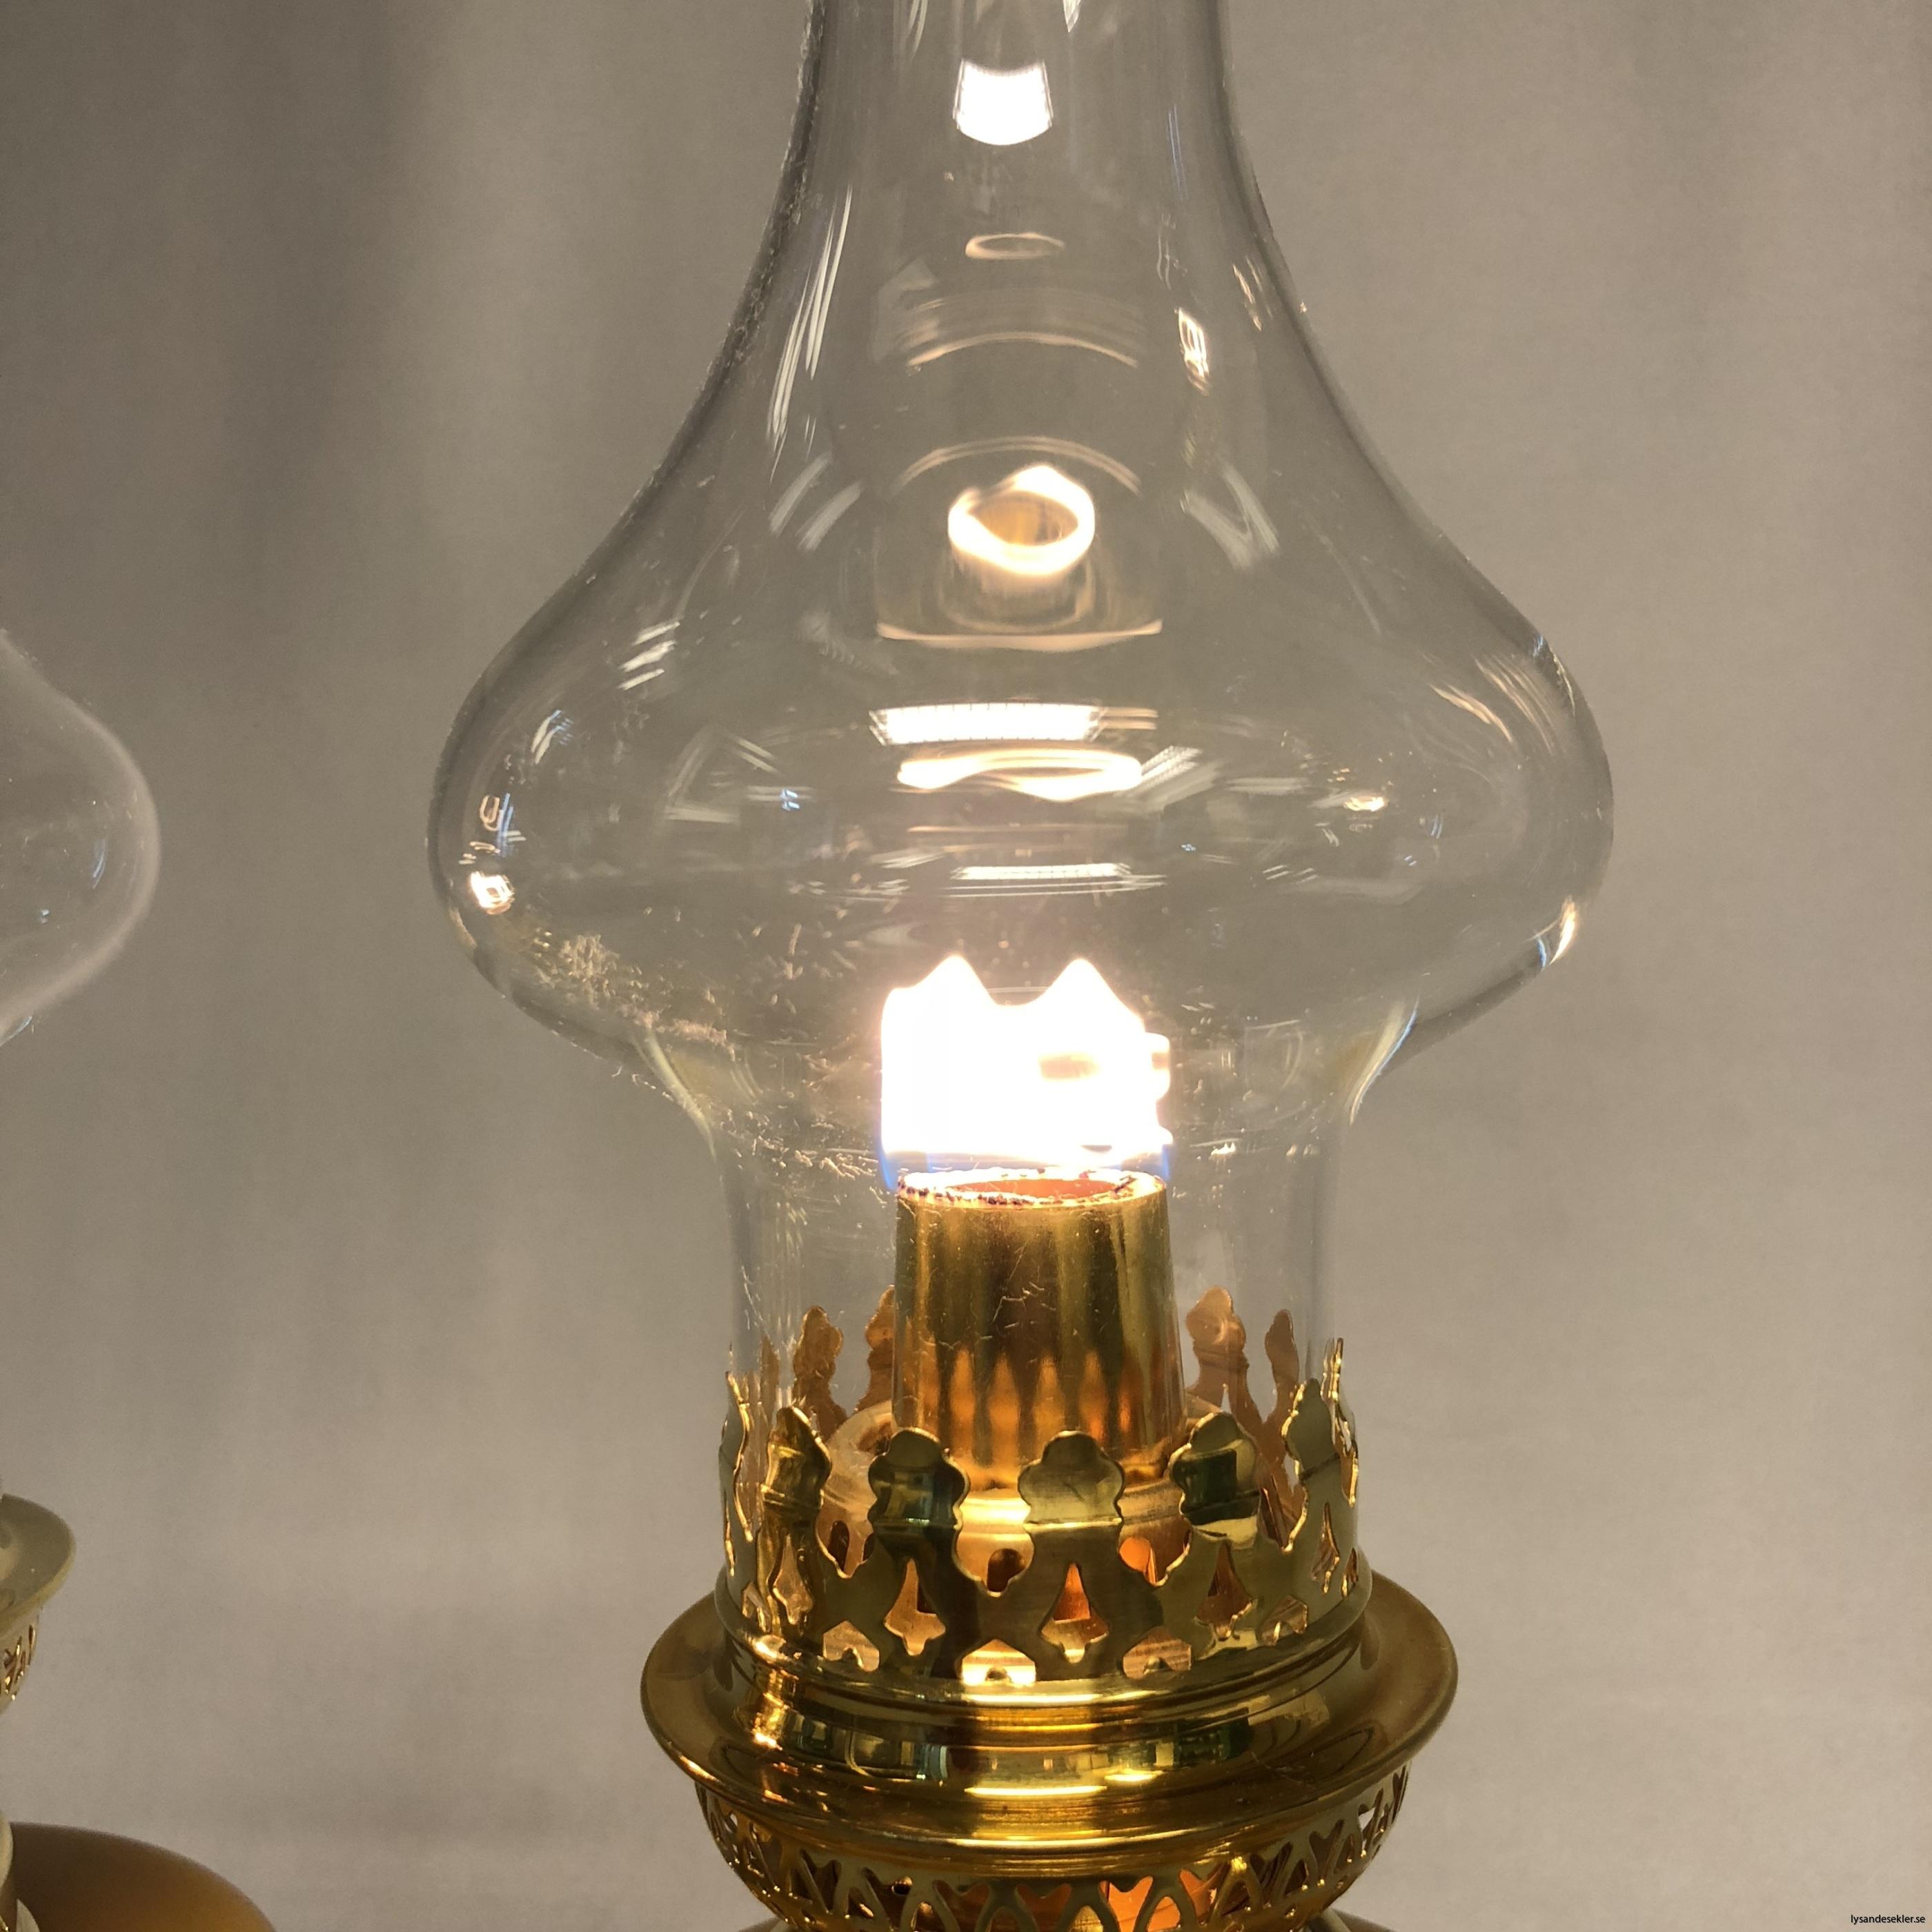 fotogenlampa fotogenlampor oljelampa oljelampor renoverad antik antikvitet19